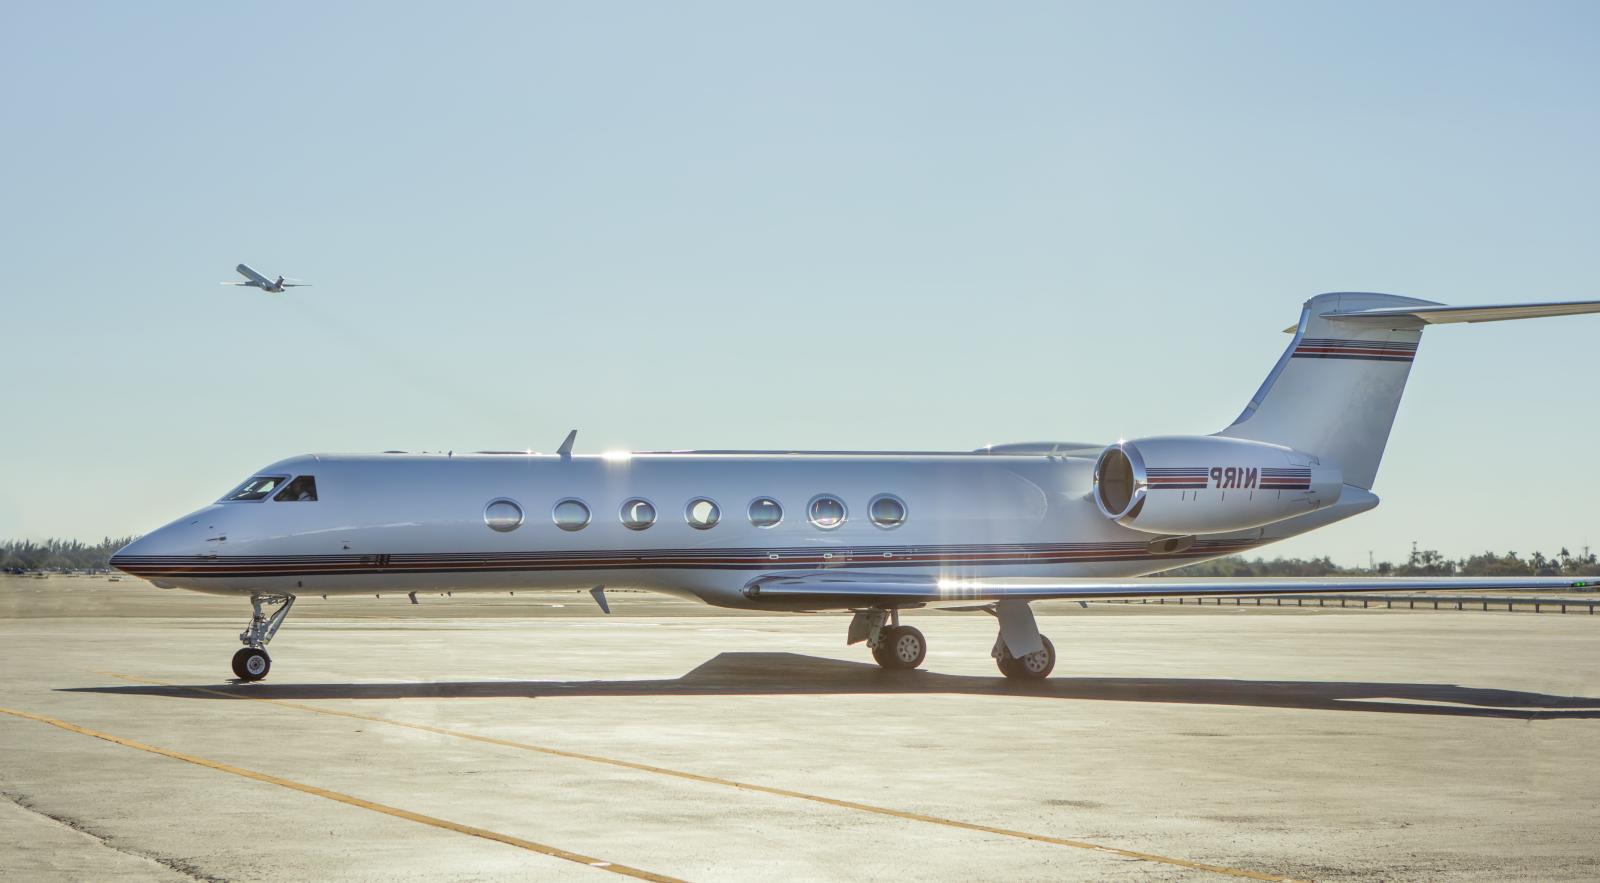 JetSmarter CEO on flying unicorns